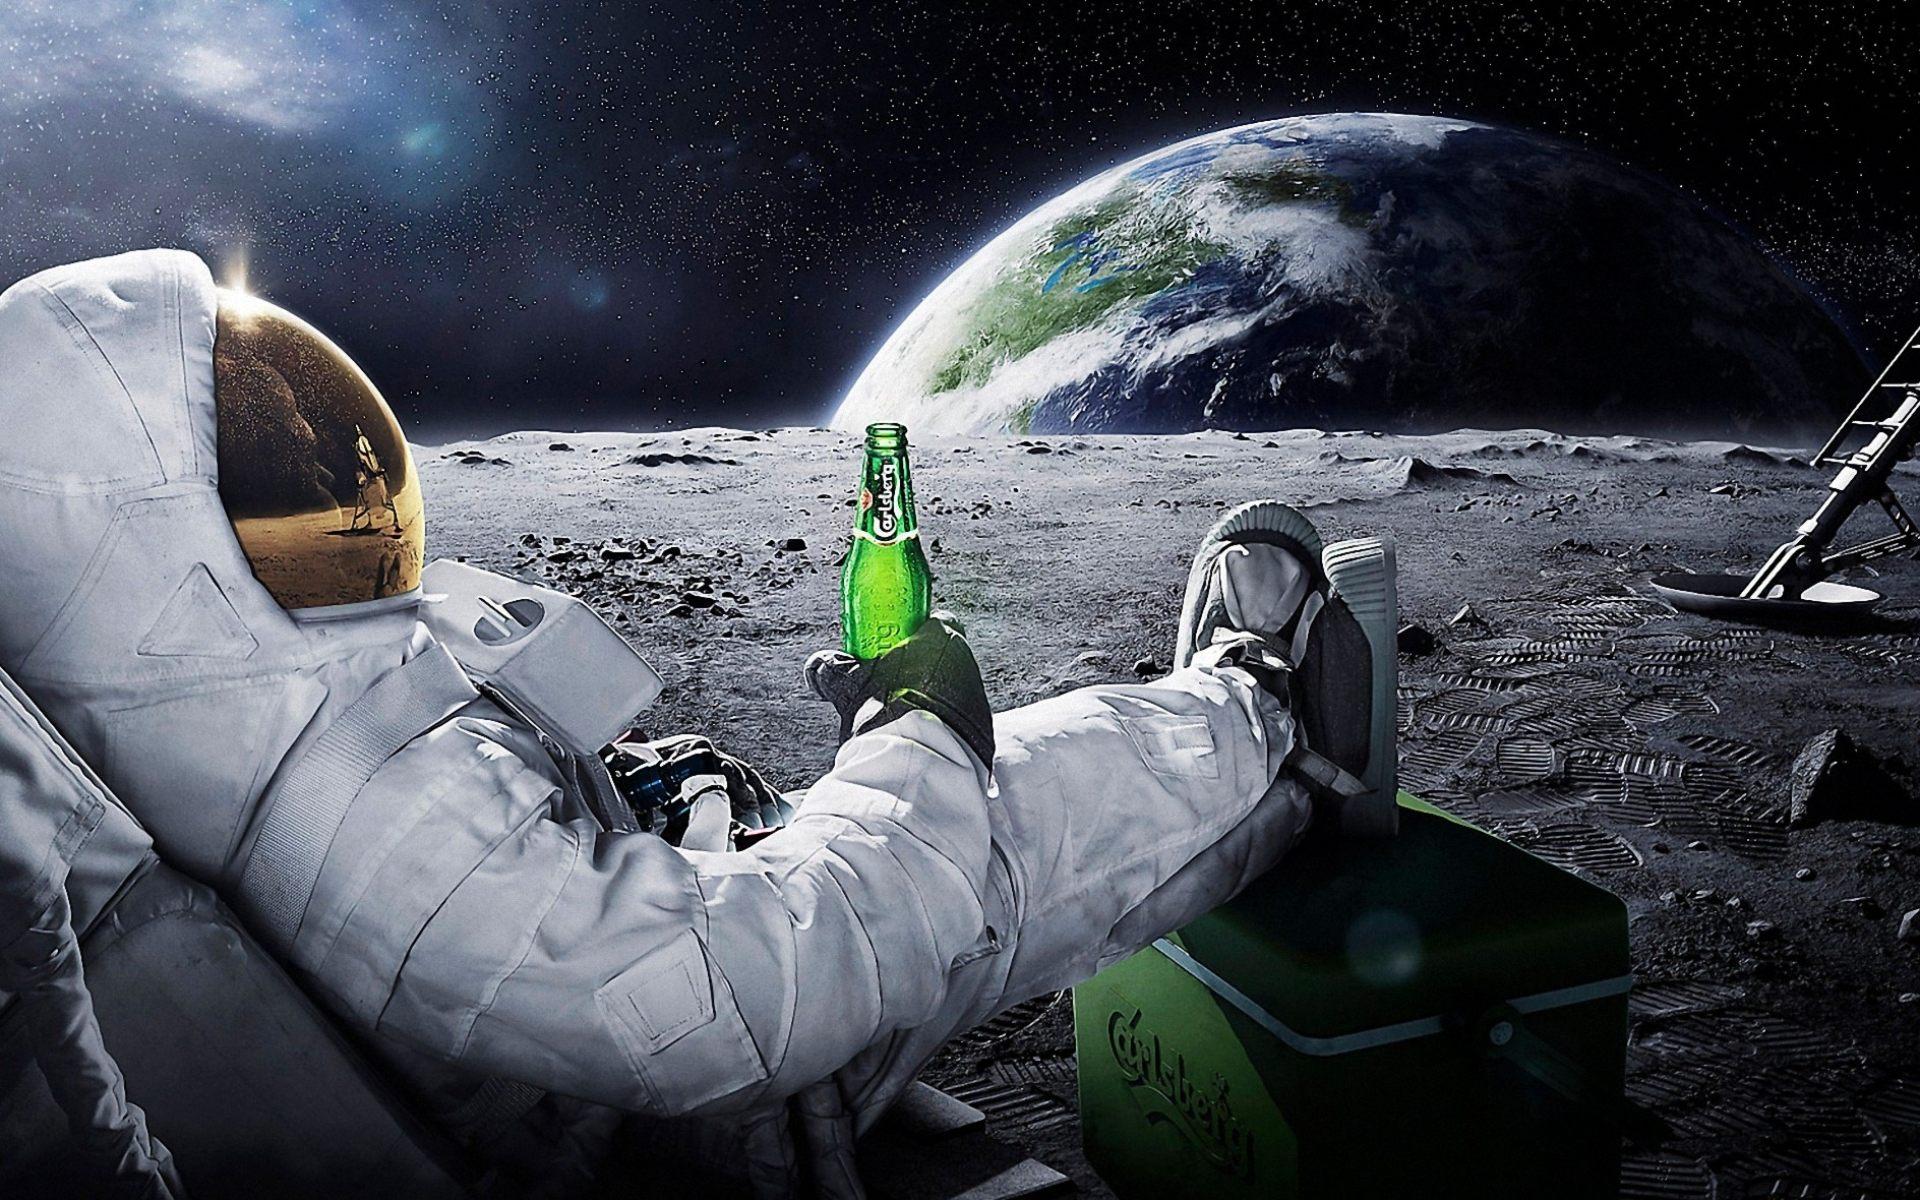 kosmonavt_na_lune_s_butylkoy_piva_1920x1200.jpg